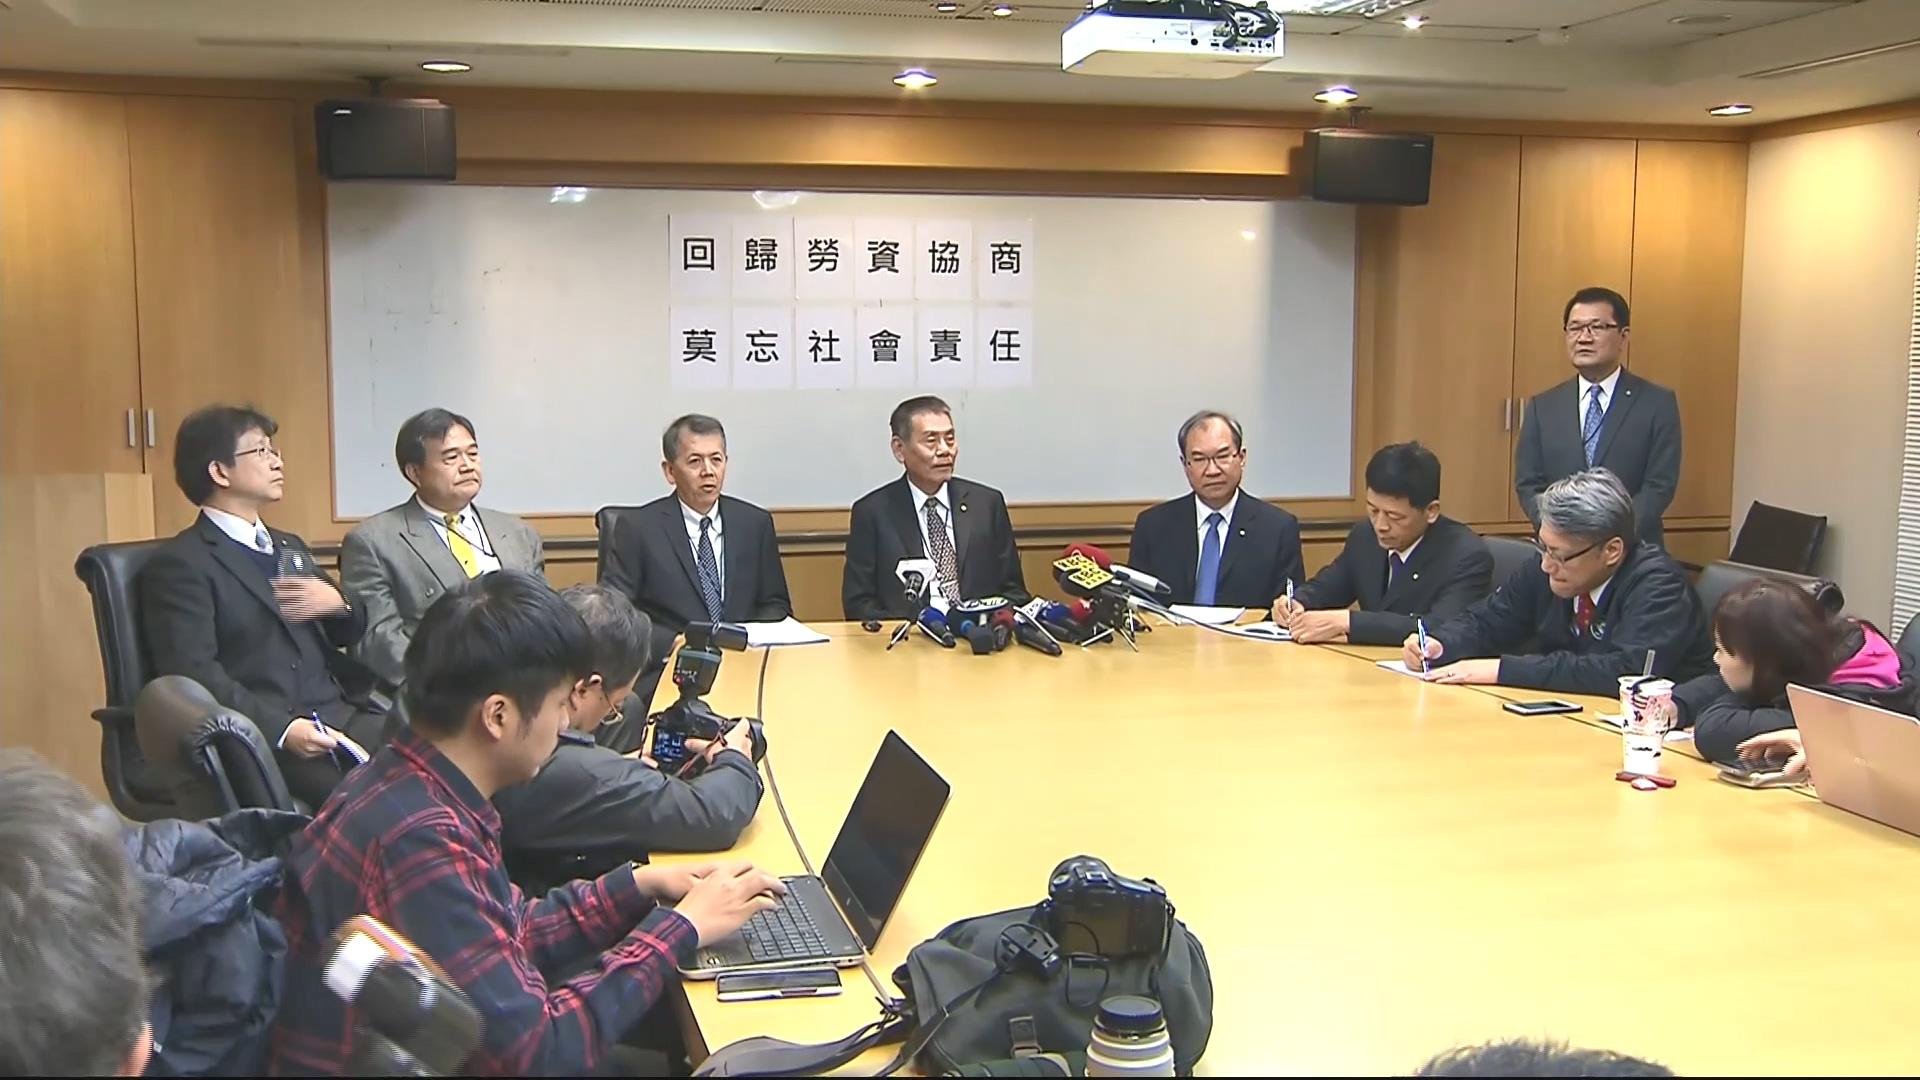 圖/TVBS 避旅客回不來! 華航總座「買機票一定負責」